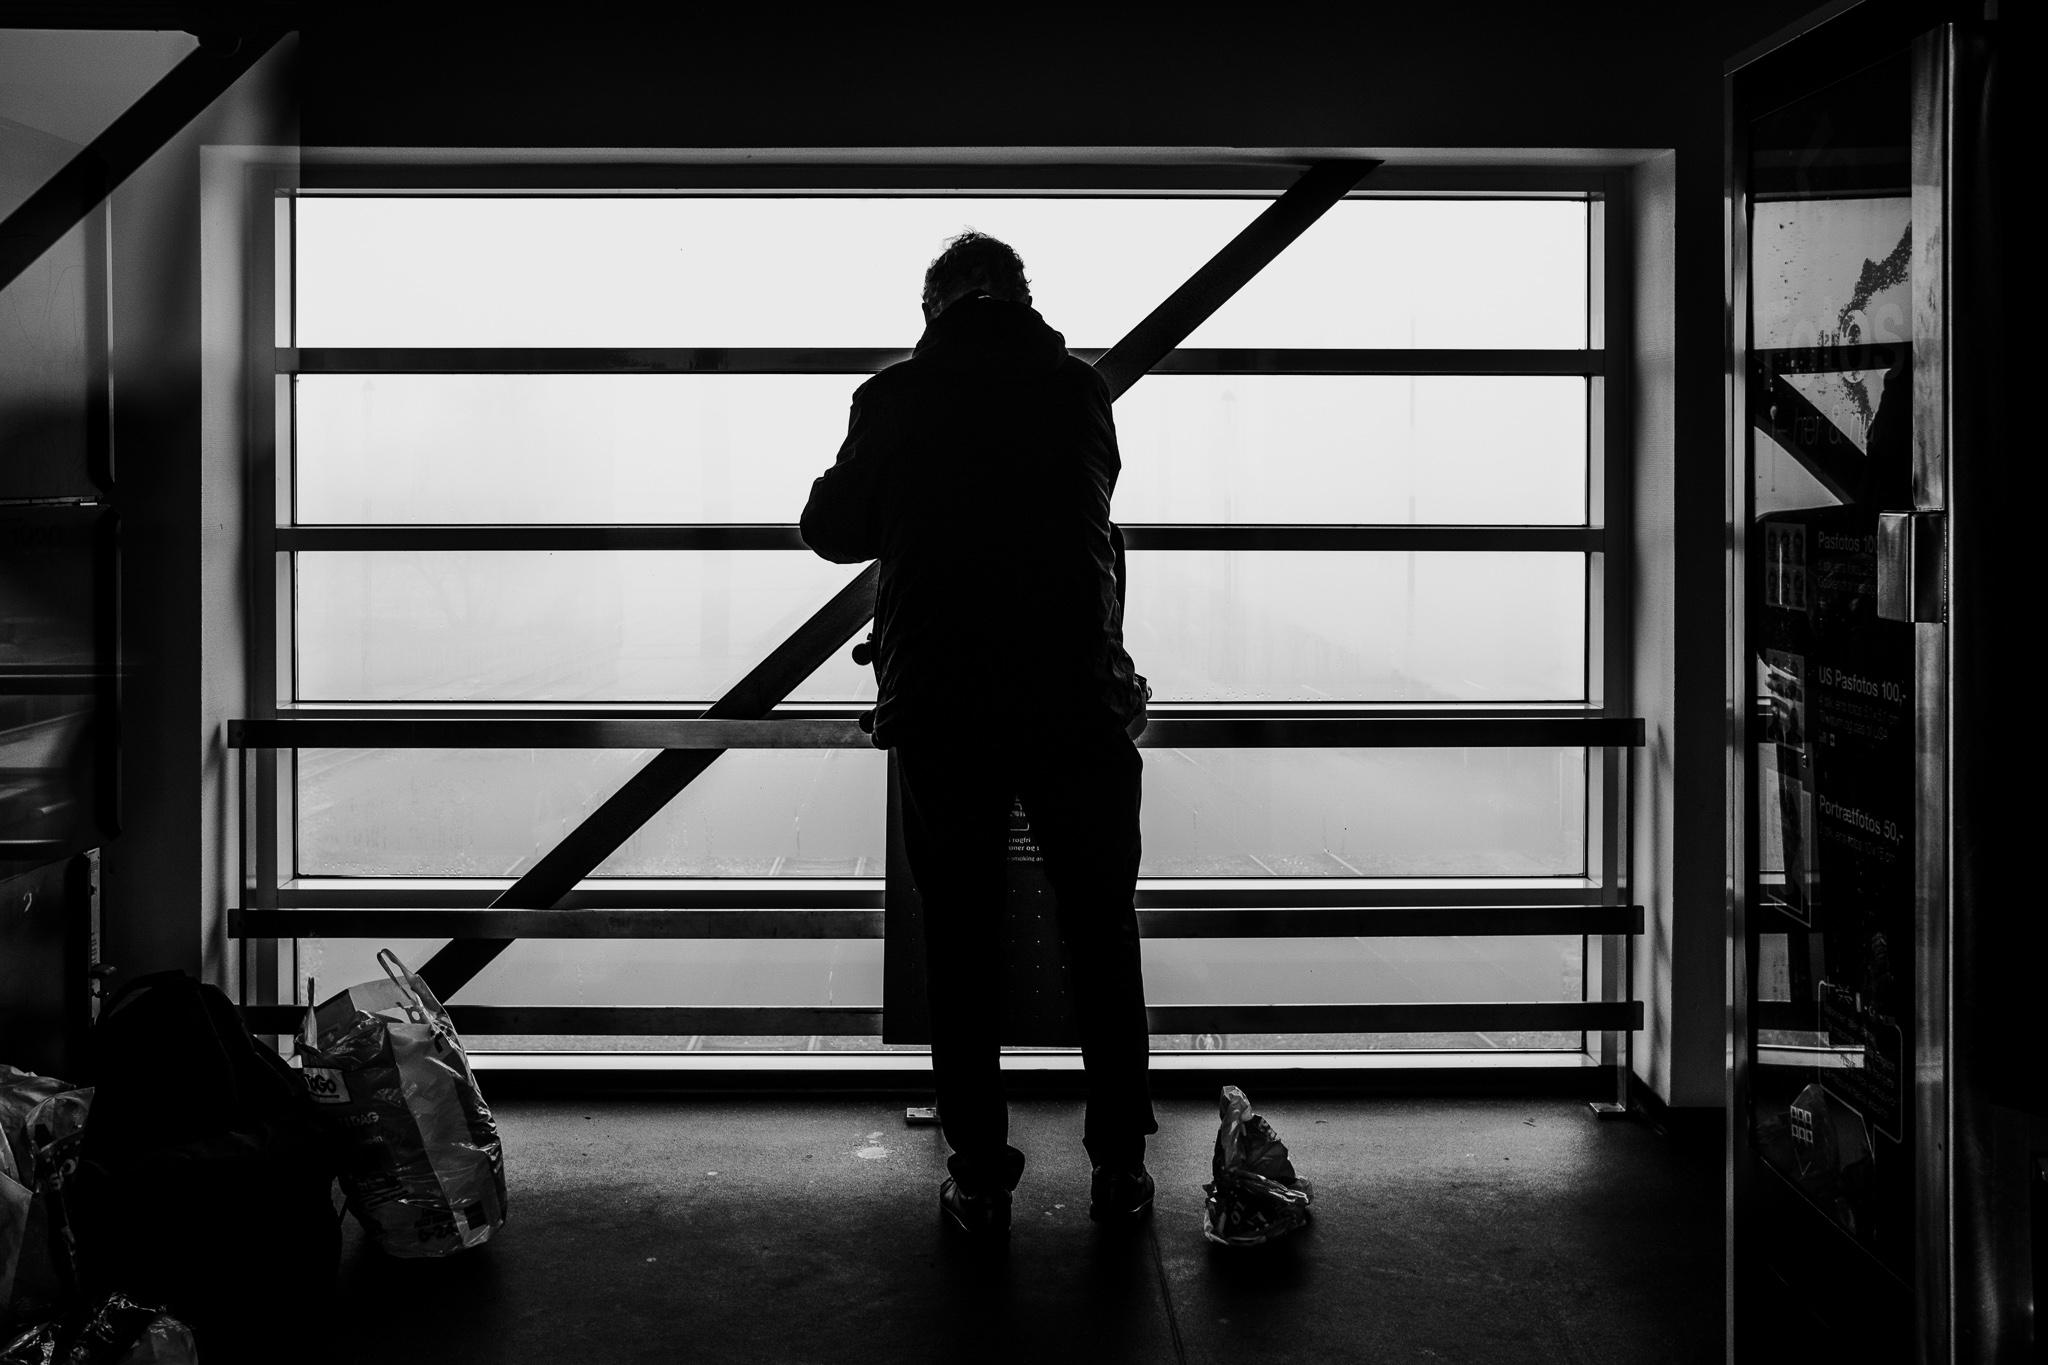 Isolation - følelse af ensomhed